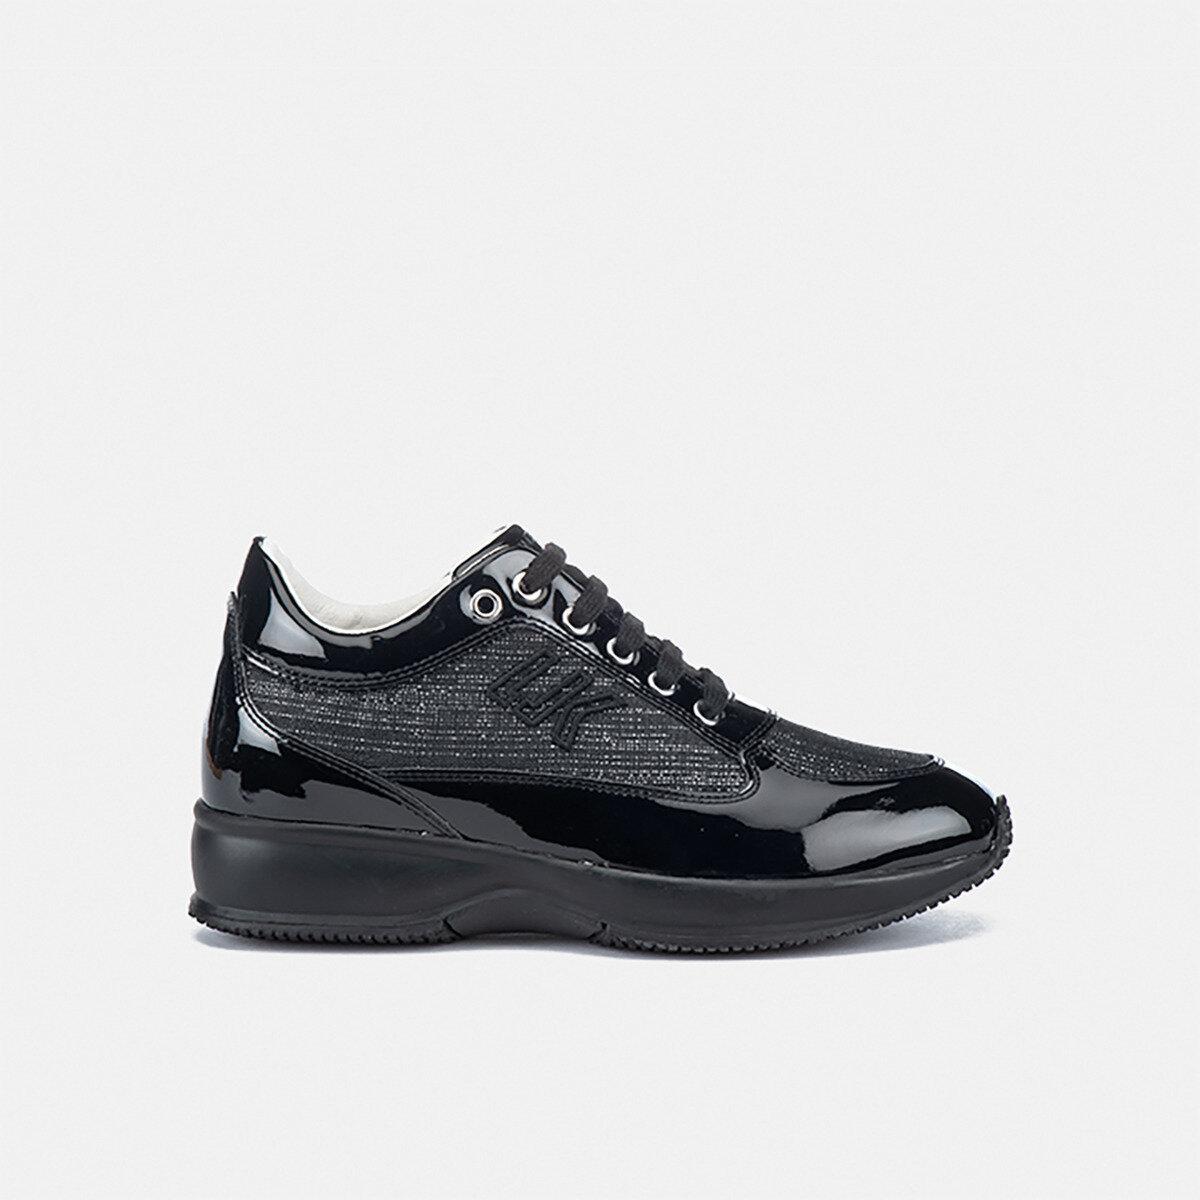 RAUL BLACK Woman Sneakers